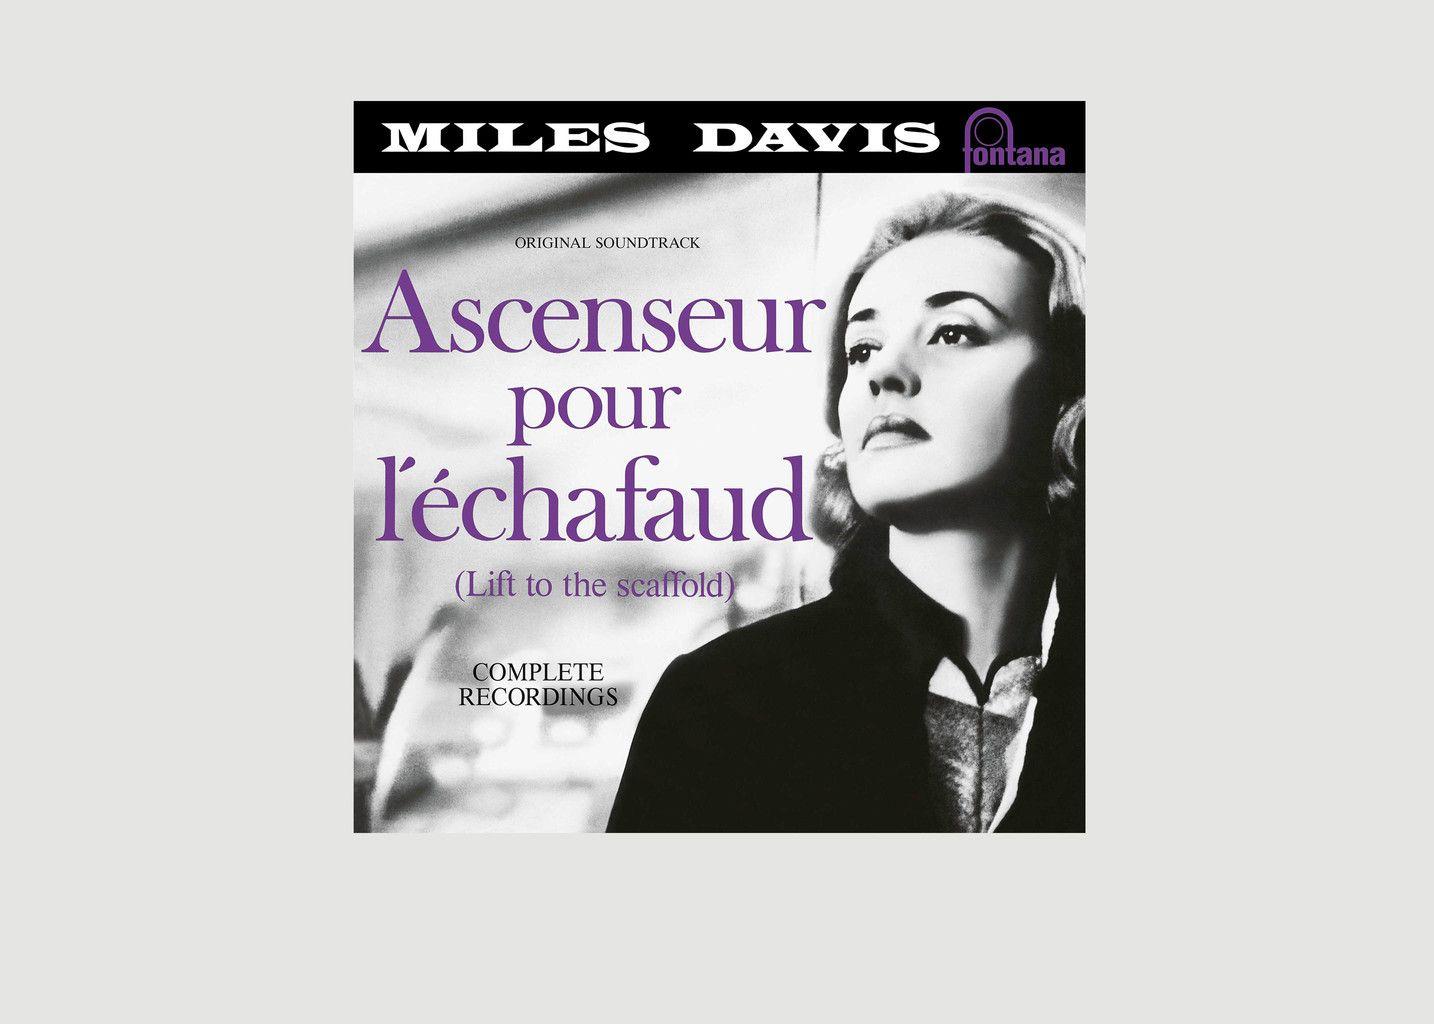 Ascenseur Pour L'Echafaud - Miles Davis - La vinyl-thèque idéale